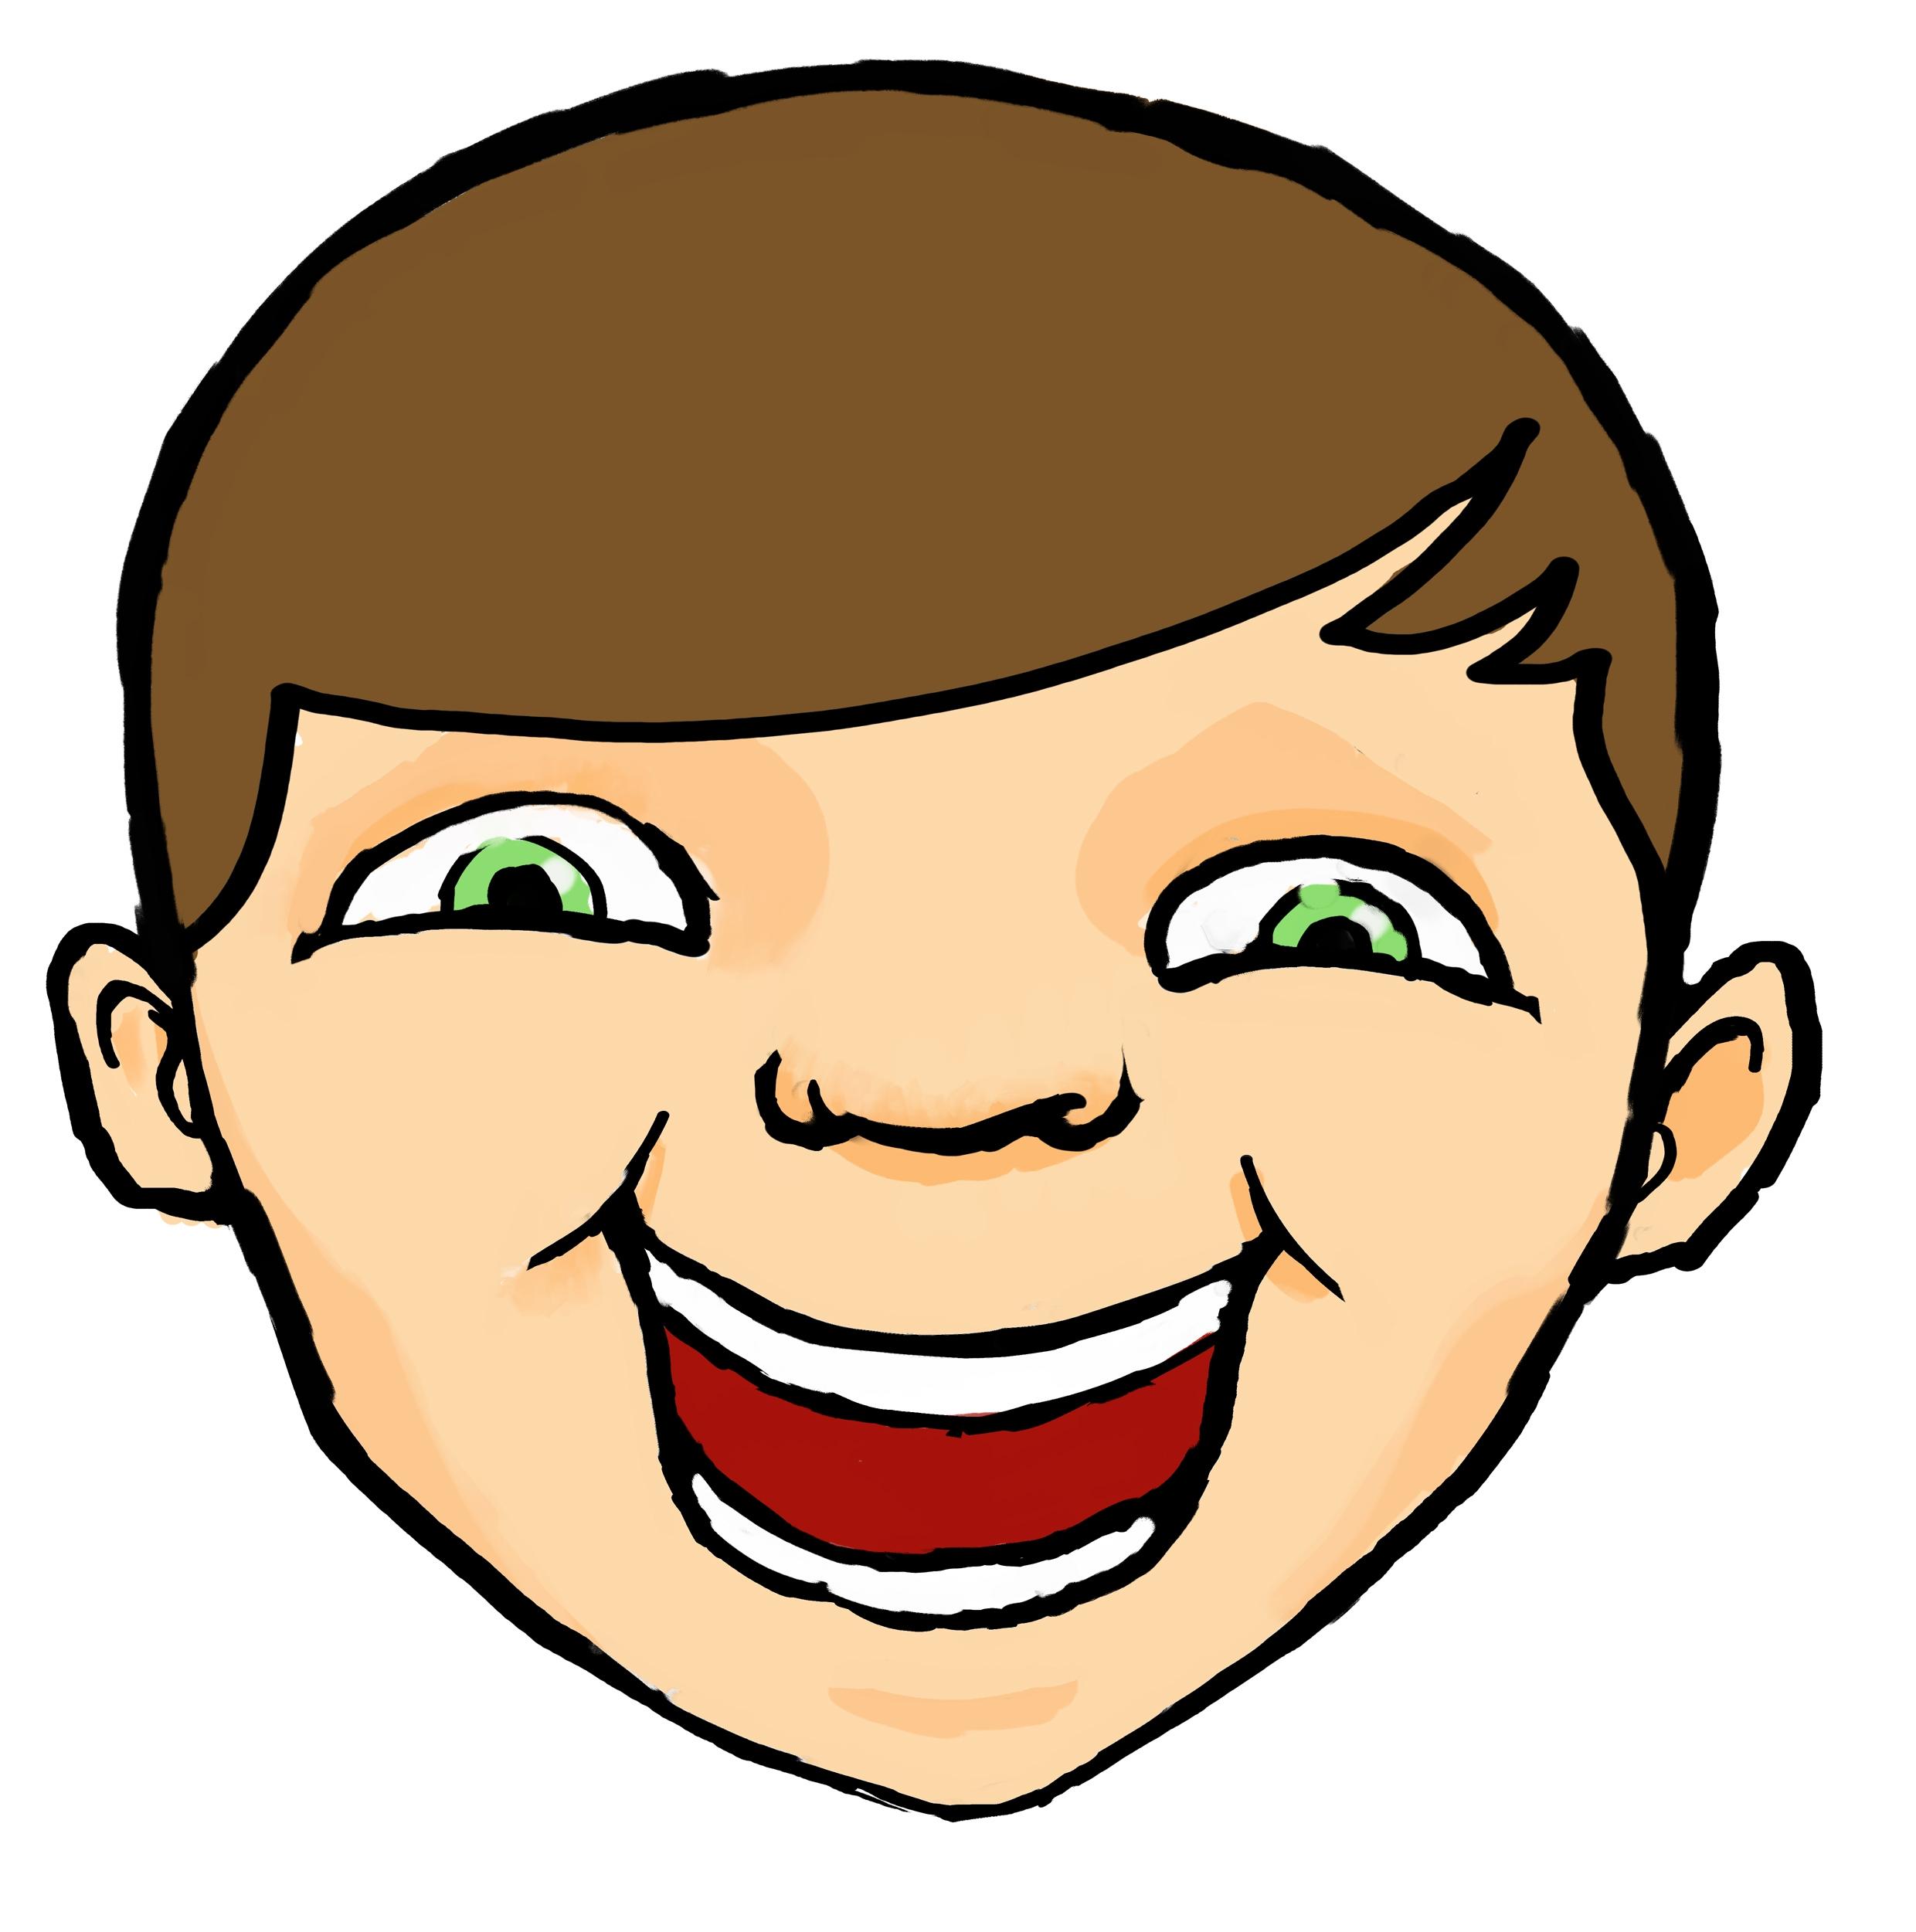 2480x2501 Clip Art Faces Cartoon